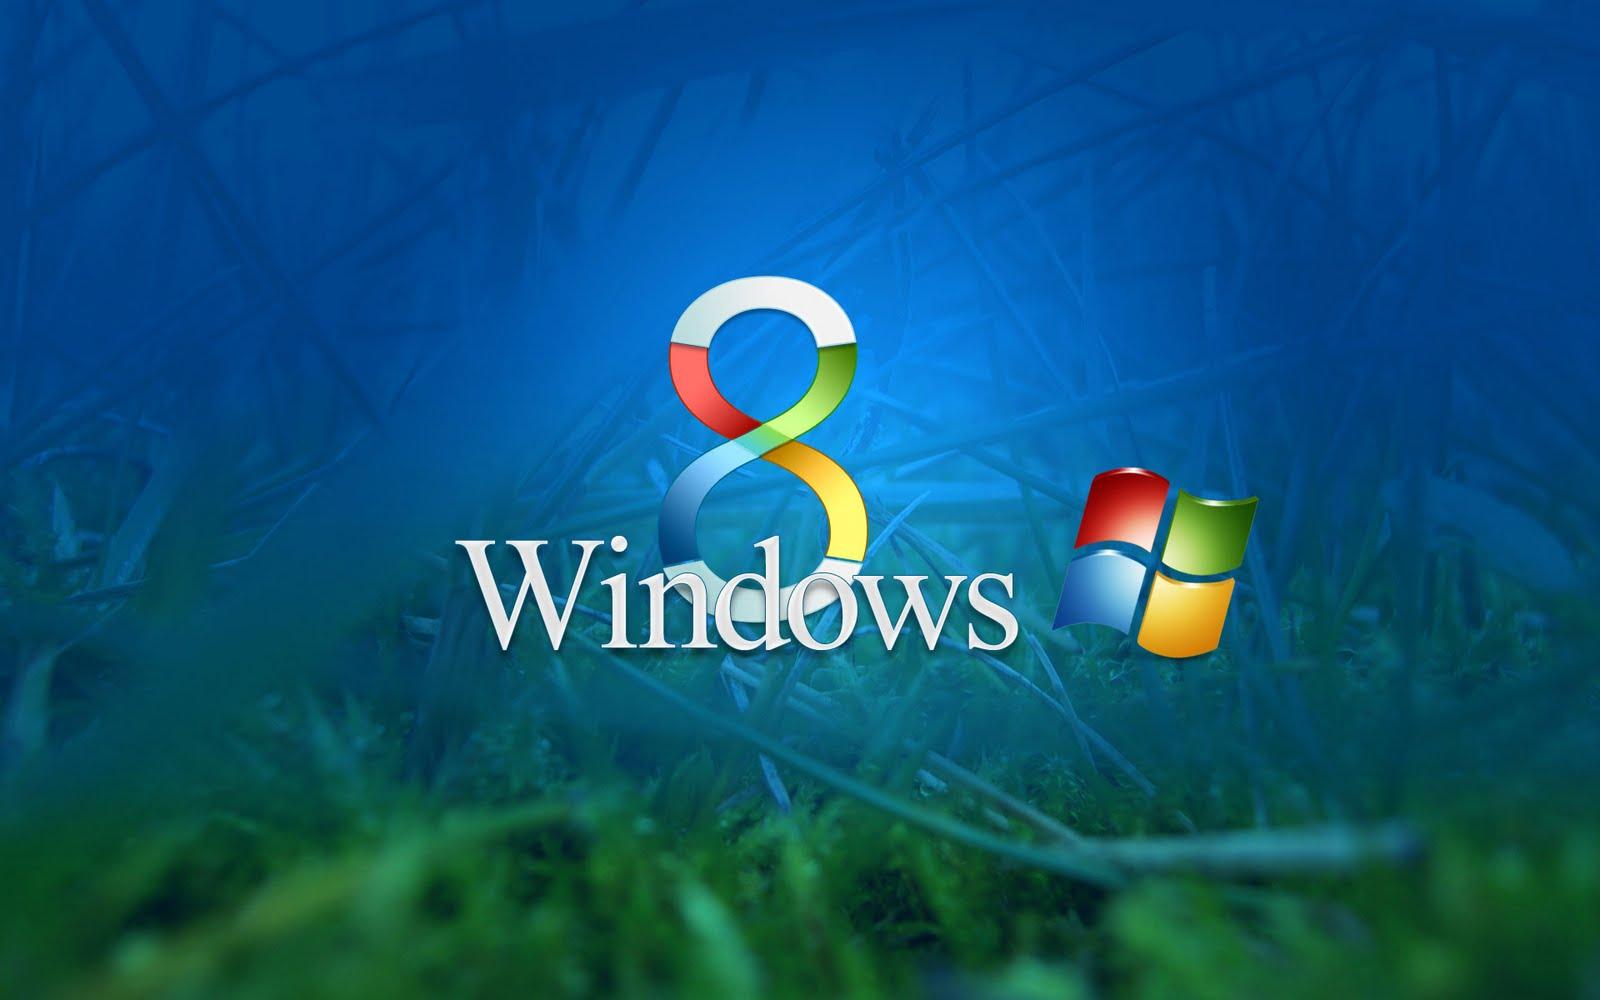 http://4.bp.blogspot.com/-VZlCLEacwGw/Tn91xRK3nfI/AAAAAAAACV4/YWmH7xa0h7M/s1600/windows_8_wallpaper_by_nhratf-d3awb1b.jpg